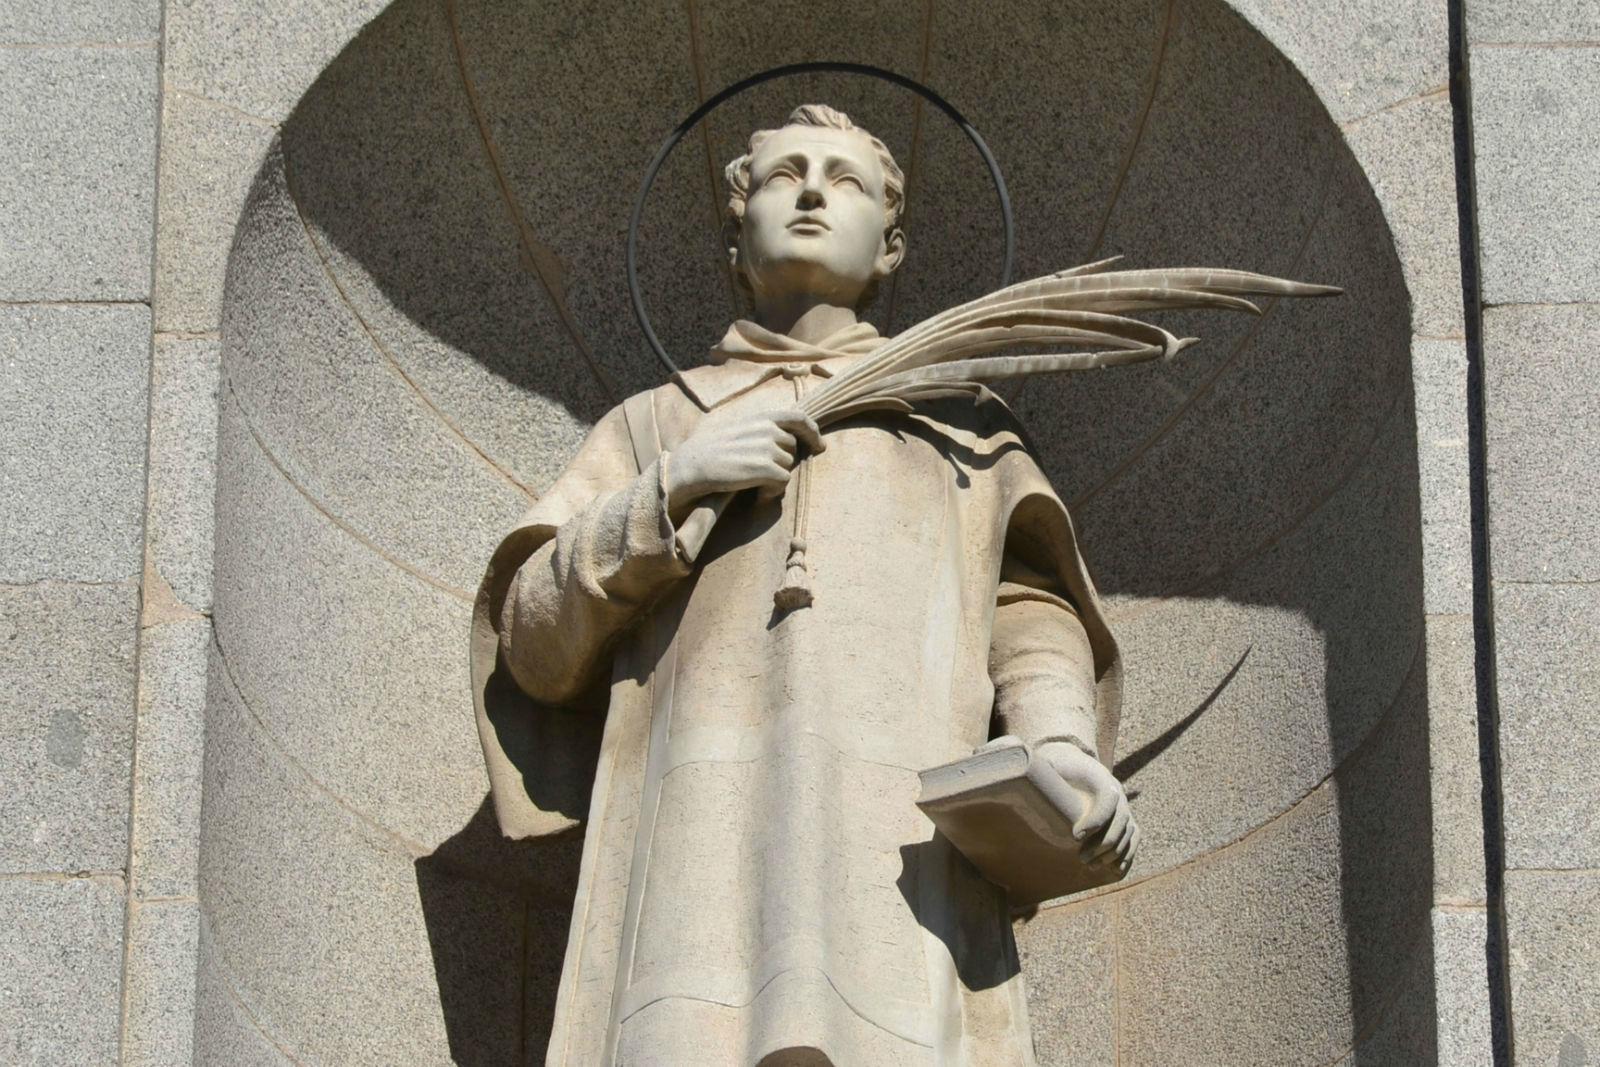 parroquia-san-esteban-portomartir-fuenlabrada-santo-exterior